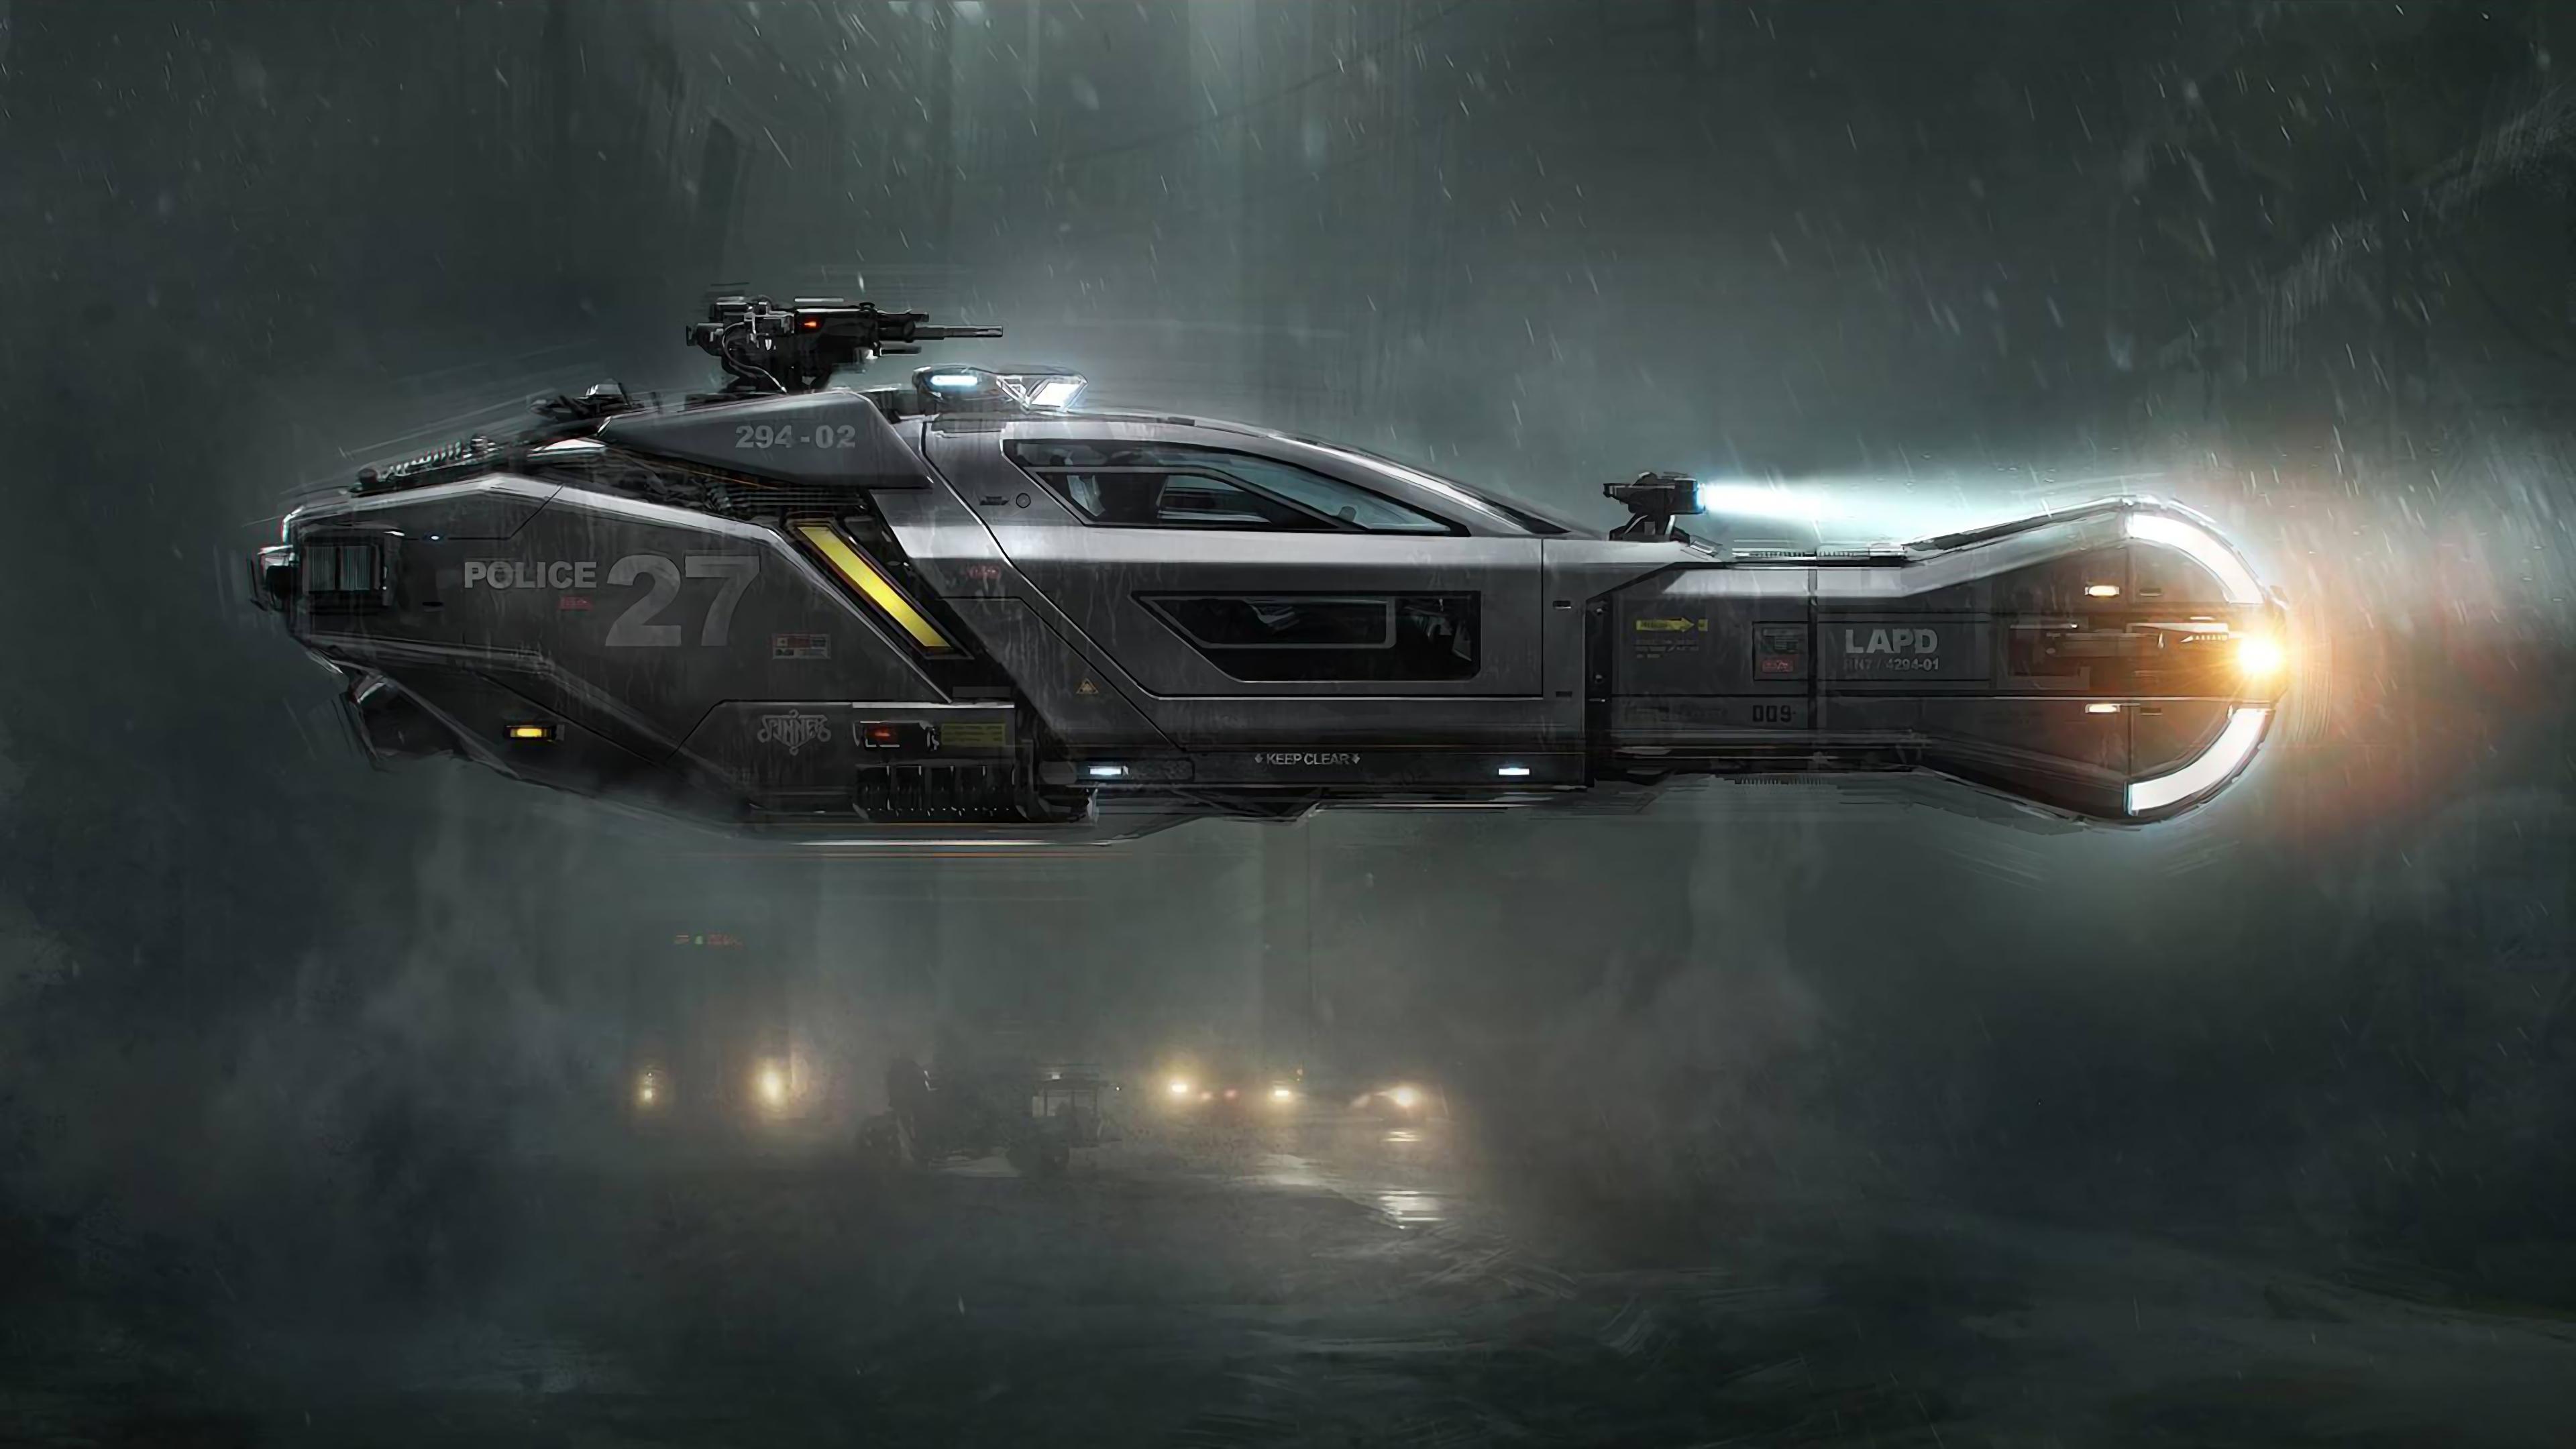 27+ Cyberpunk Blade Runner Wallpaper 4K PNG